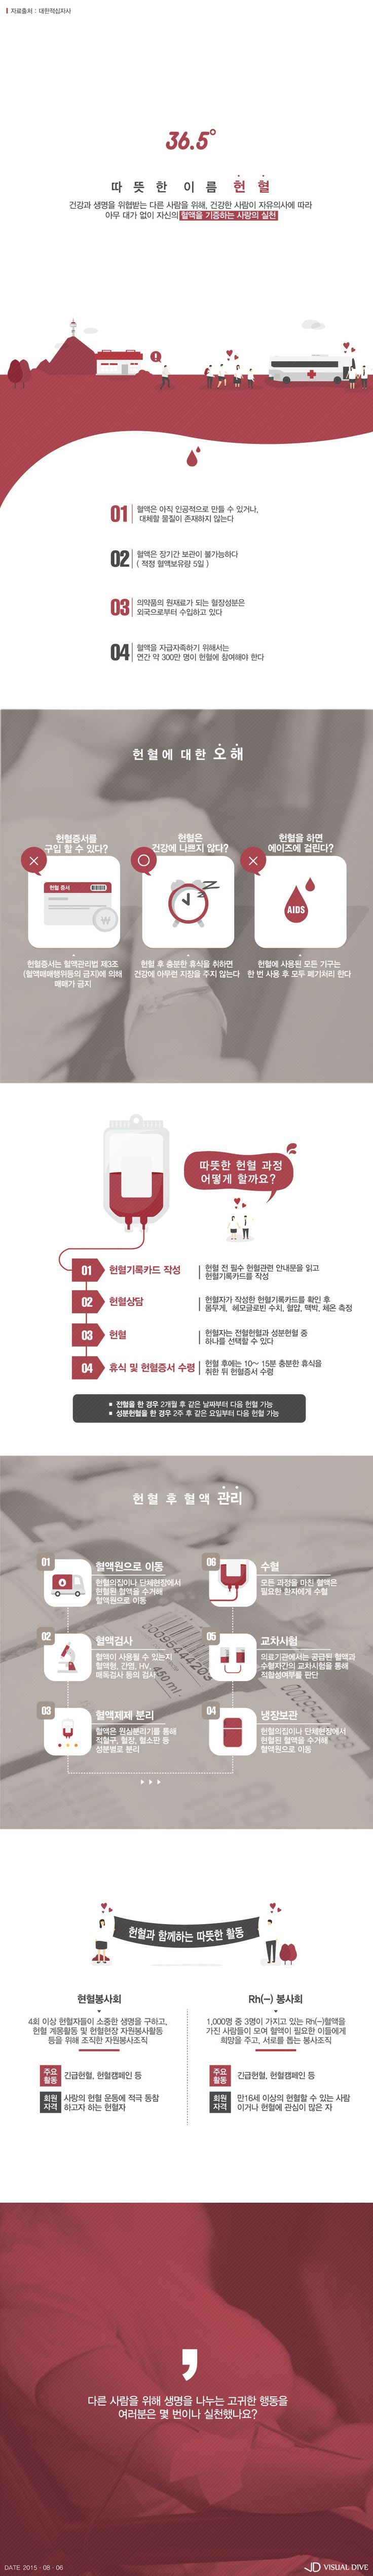 '36.5℃의 사랑' 헌혈 참여하세요 [인포그래픽] #Blood / #Infographic ⓒ 비주얼다이브 무단 복사·전재·재배포 금지